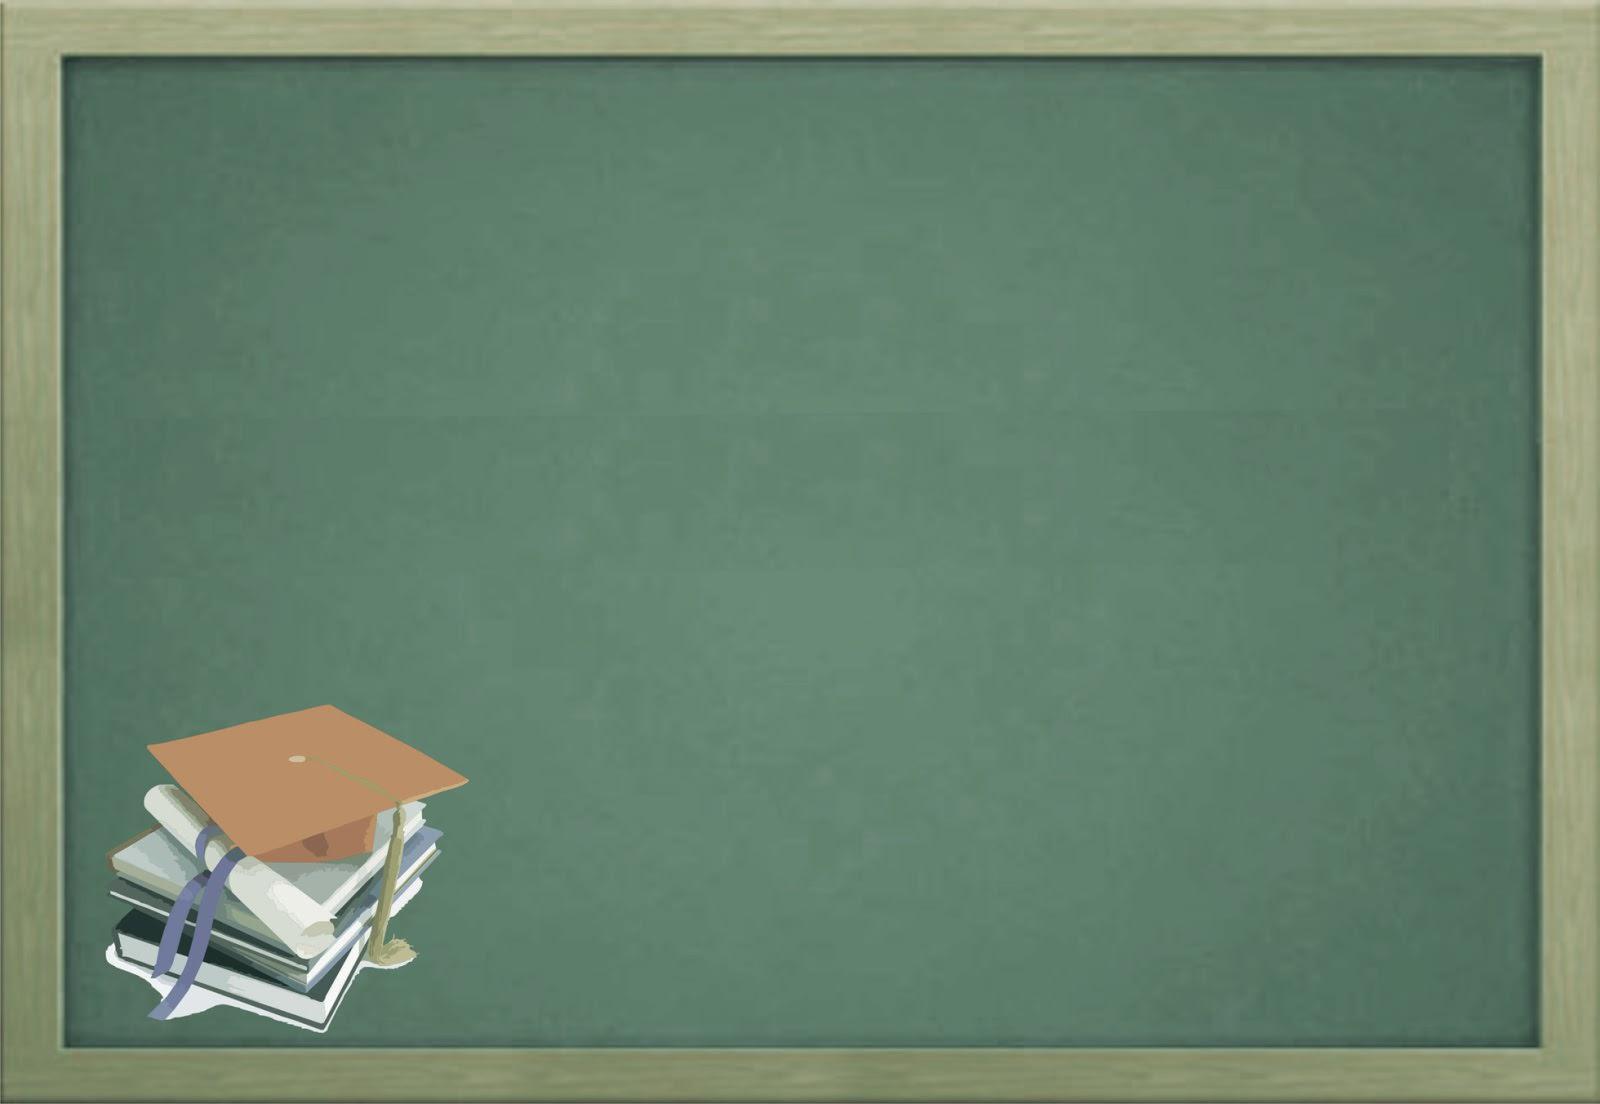 Hình nền PowerPoint đơn giản với giao diện hình bảng